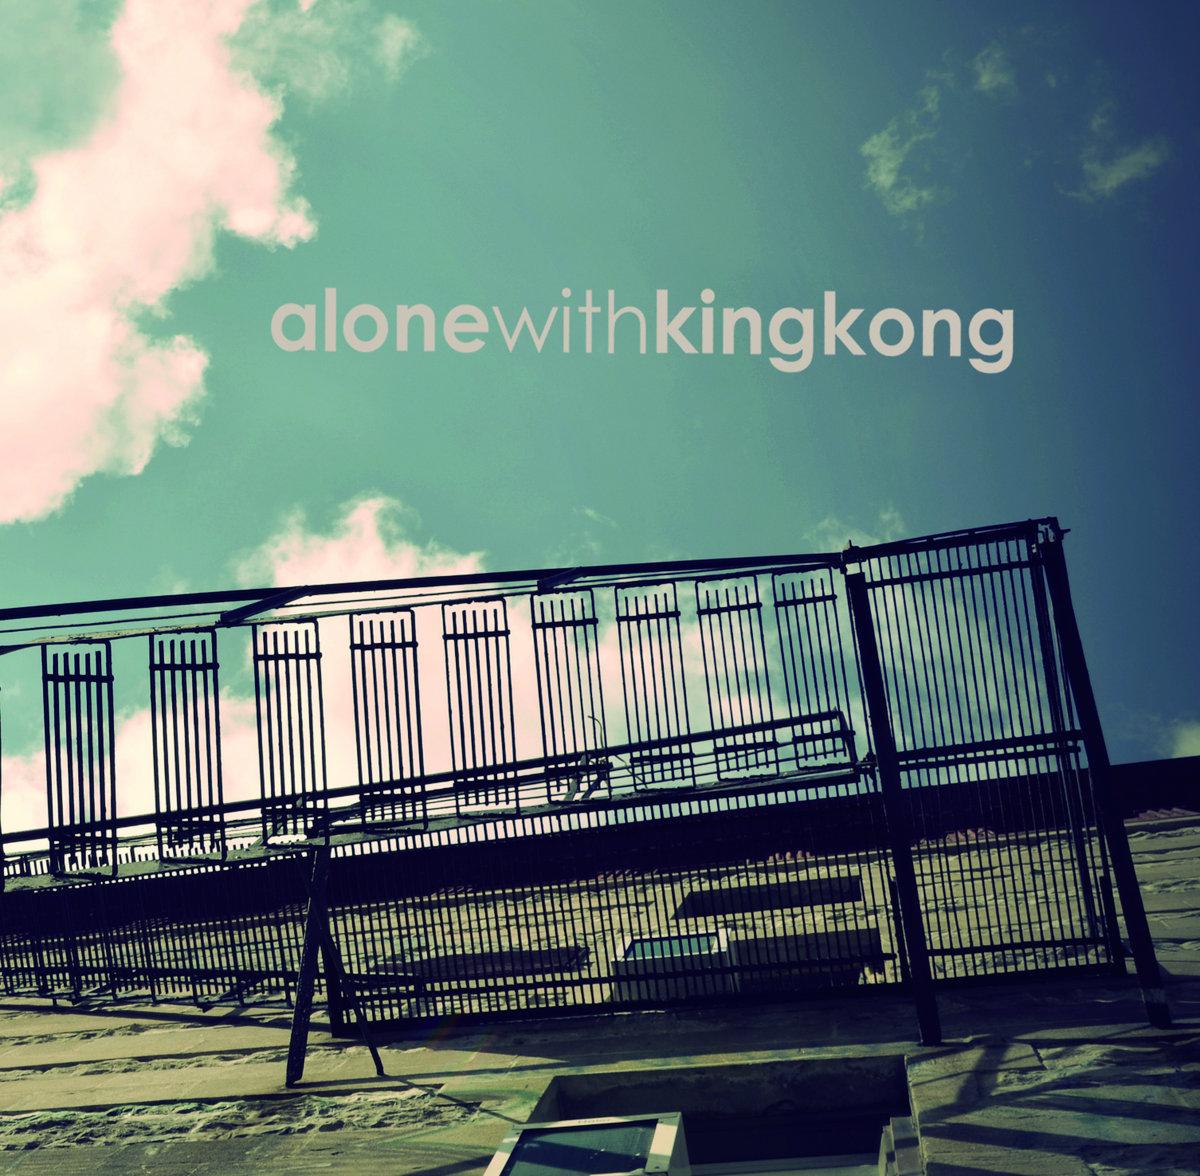 """Résultat de recherche d'images pour """"alone with king kong the hardest step"""""""